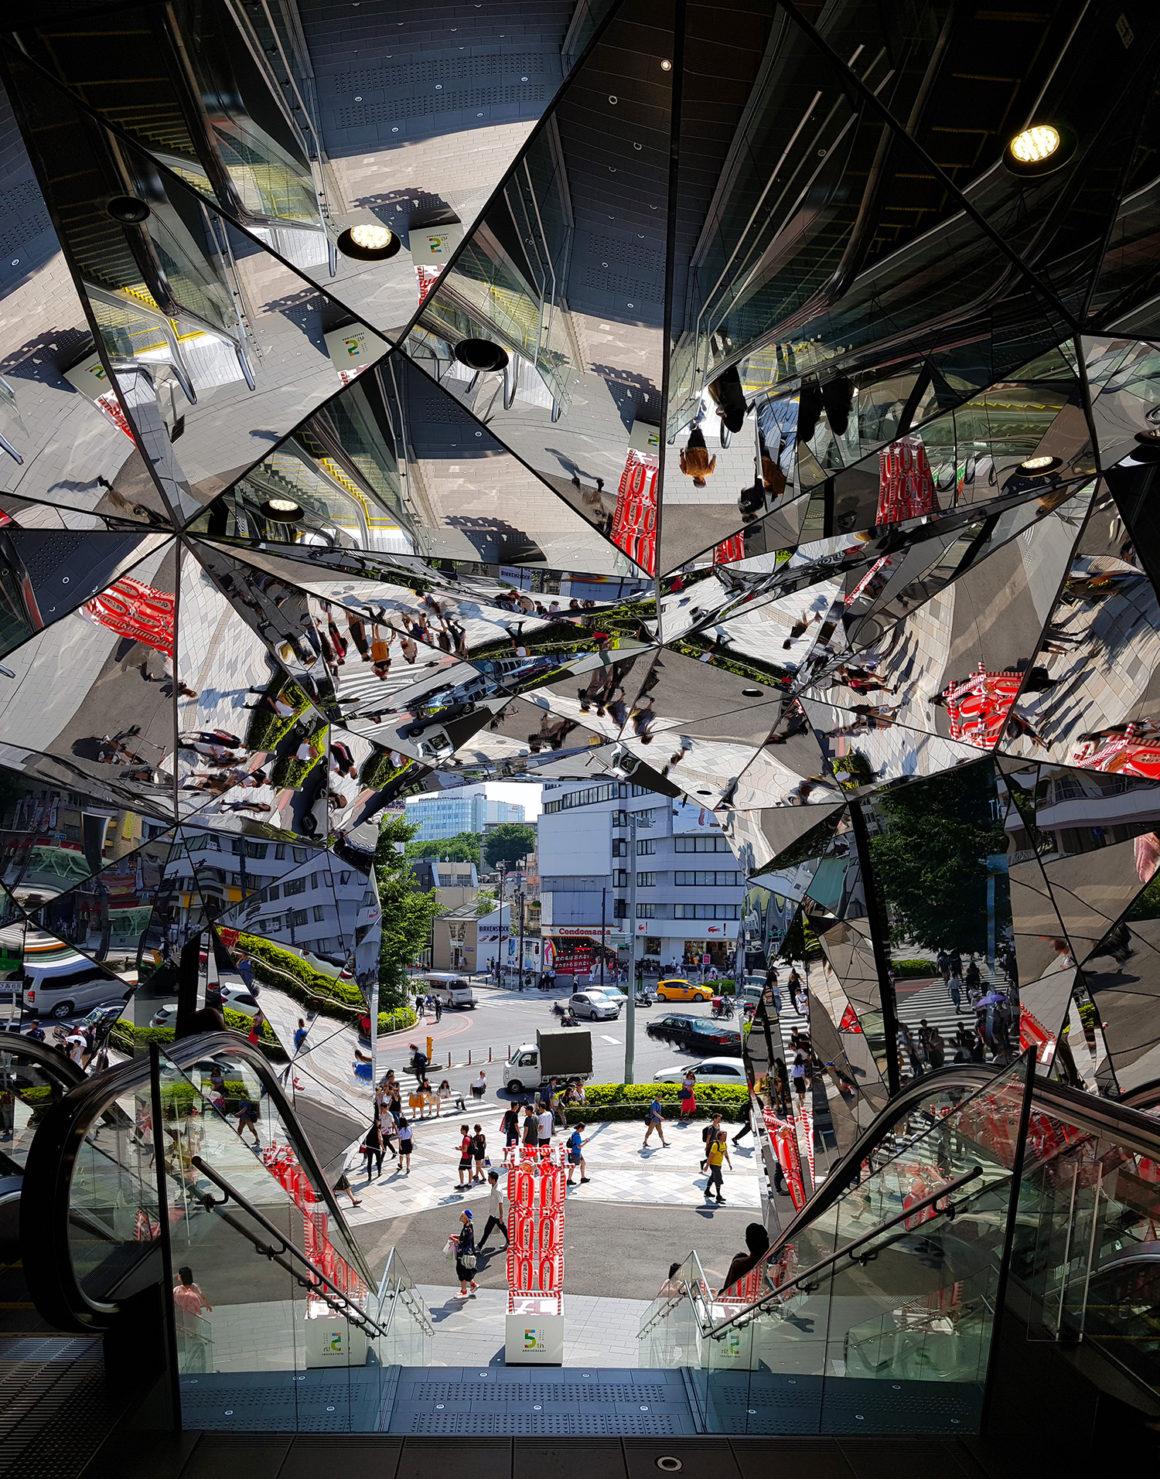 razones para visitar tokio tokyo japon razones para visitar tokio - viajar a tokio que ver en tokyo 08 1160x1479 - 10 razones para visitar Tokio